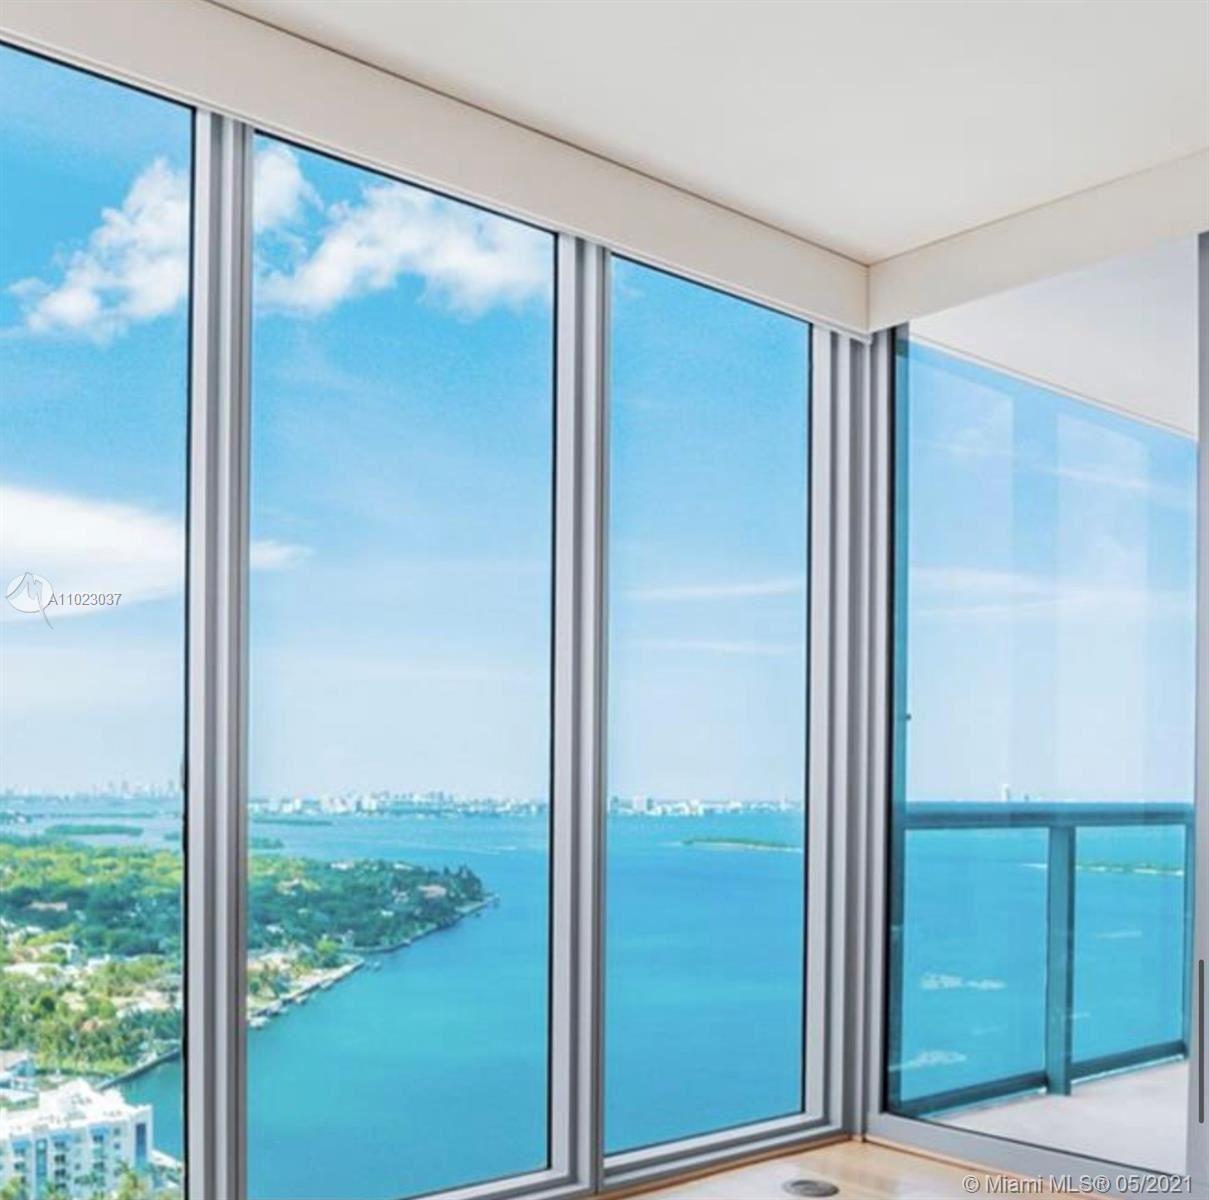 601 NE 36th St #904, Miami, FL 33137 - #: A11023037